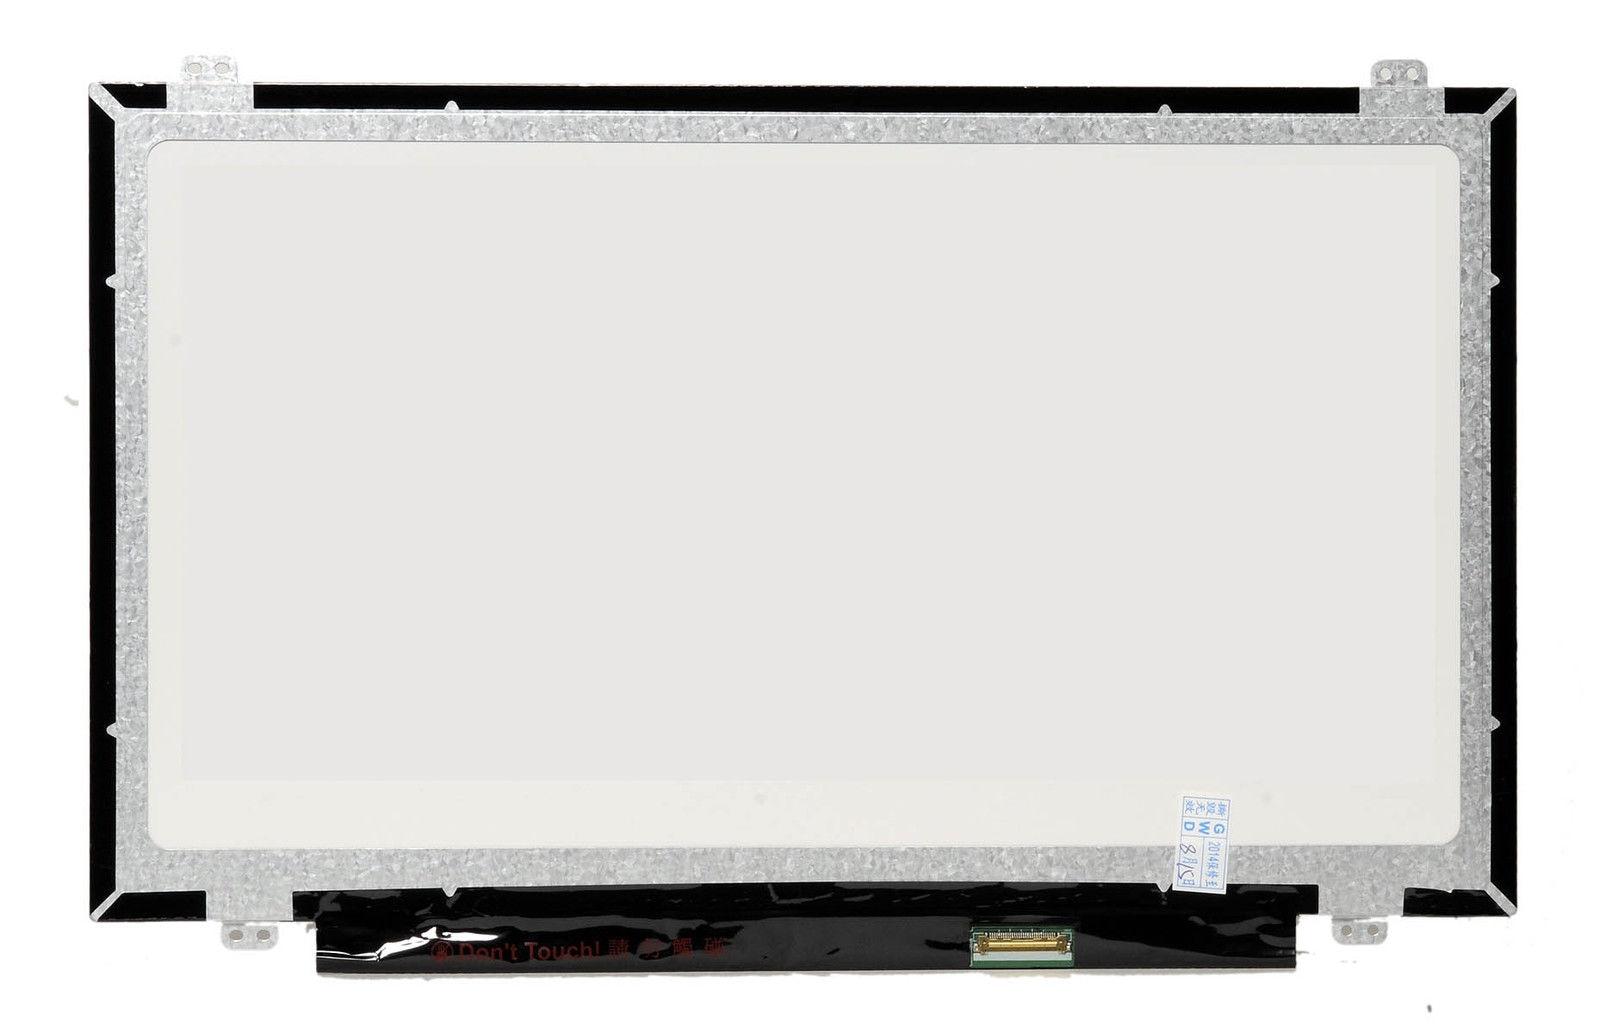 For HP ELITEBOOK 840 G1 (F2P23UT) 14.0